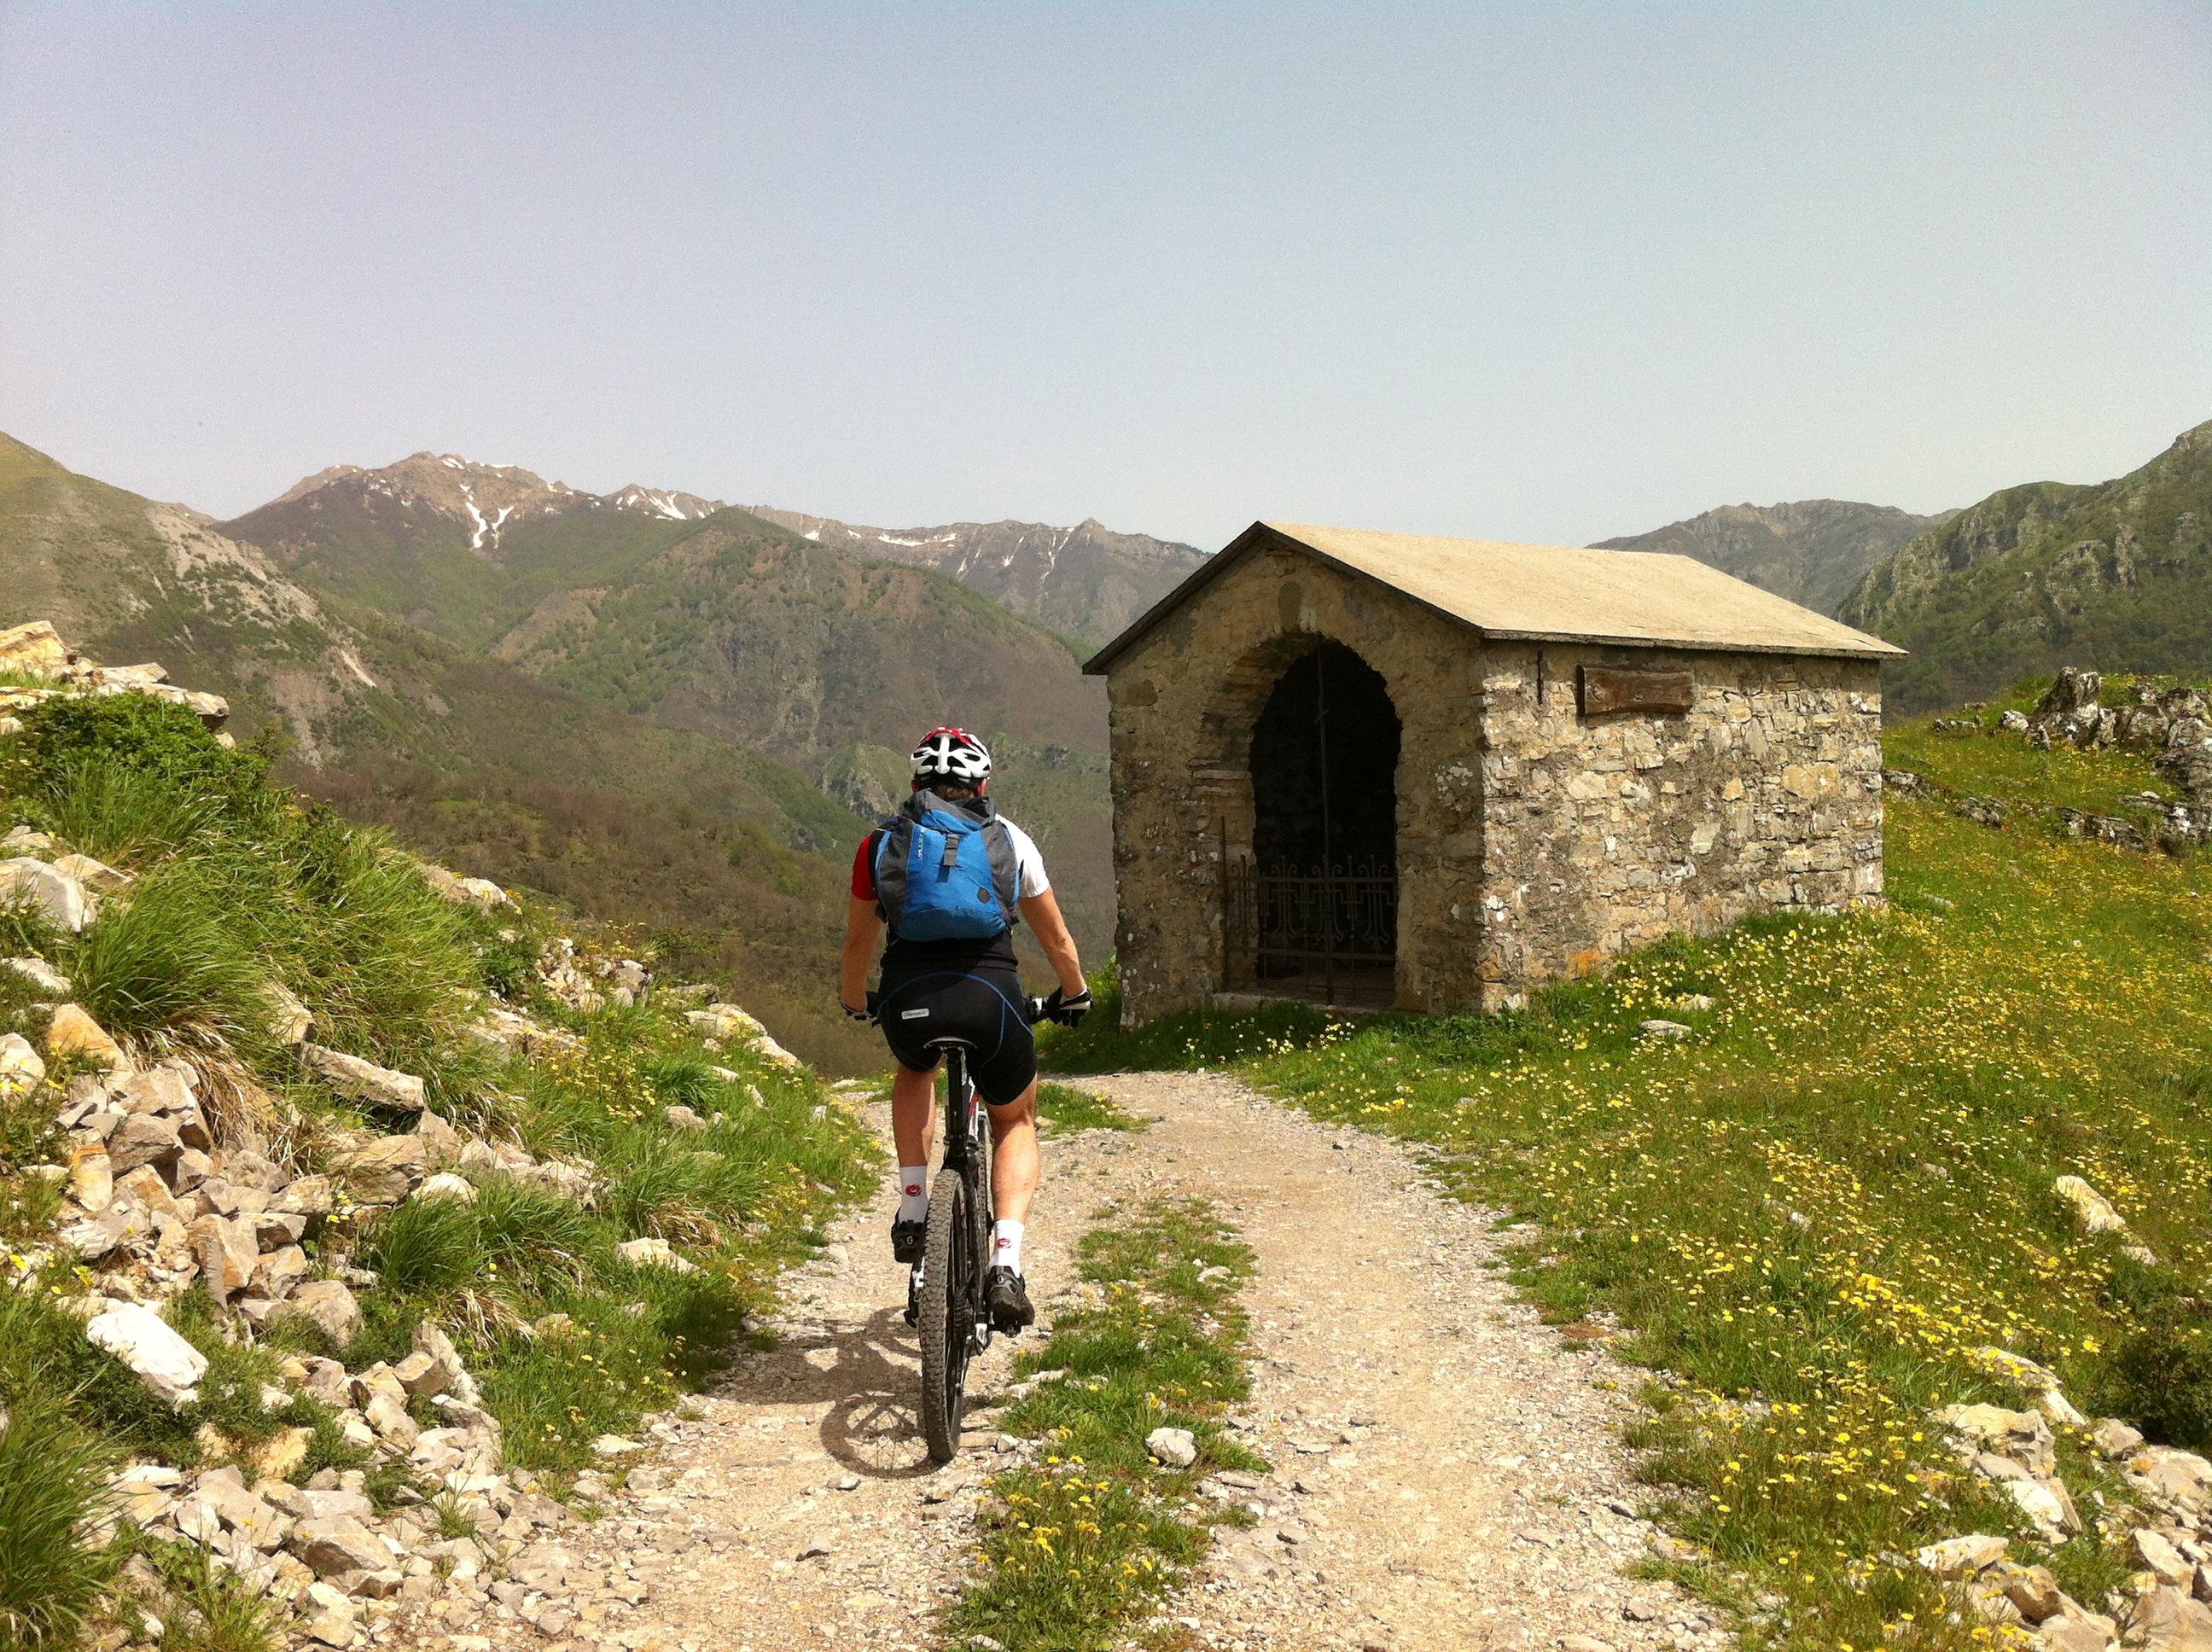 Mountain bike turismo bagni di luccaturismo bagni di lucca - Canyon park parco avventura bagni di lucca lu ...